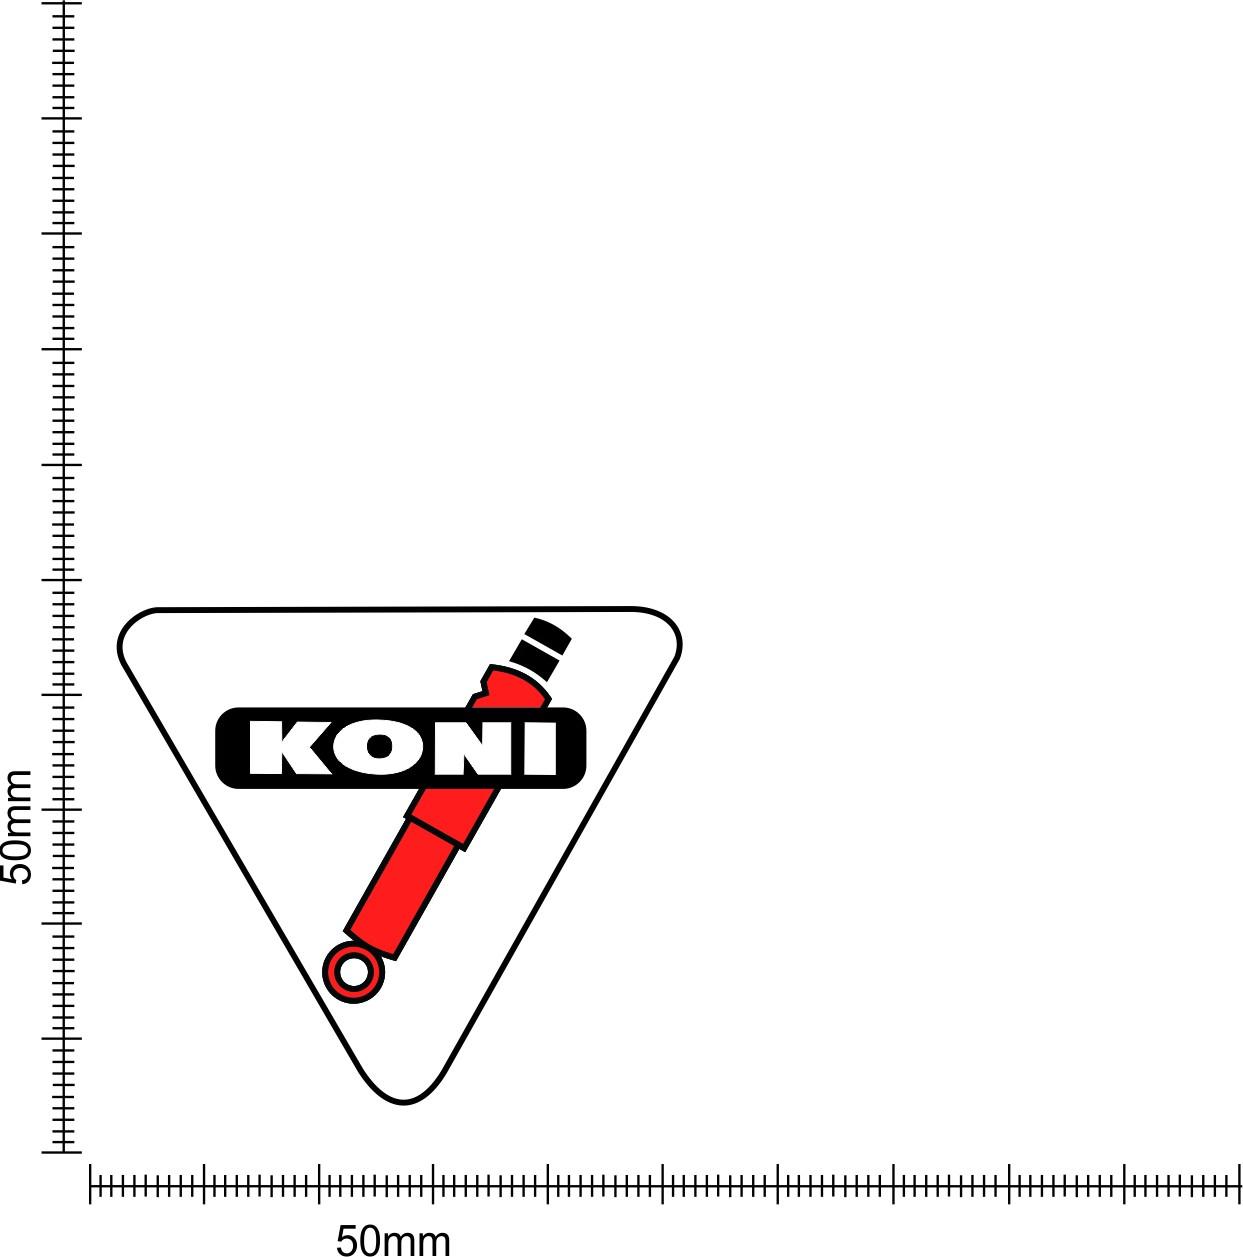 Koni Toolbox Sticker